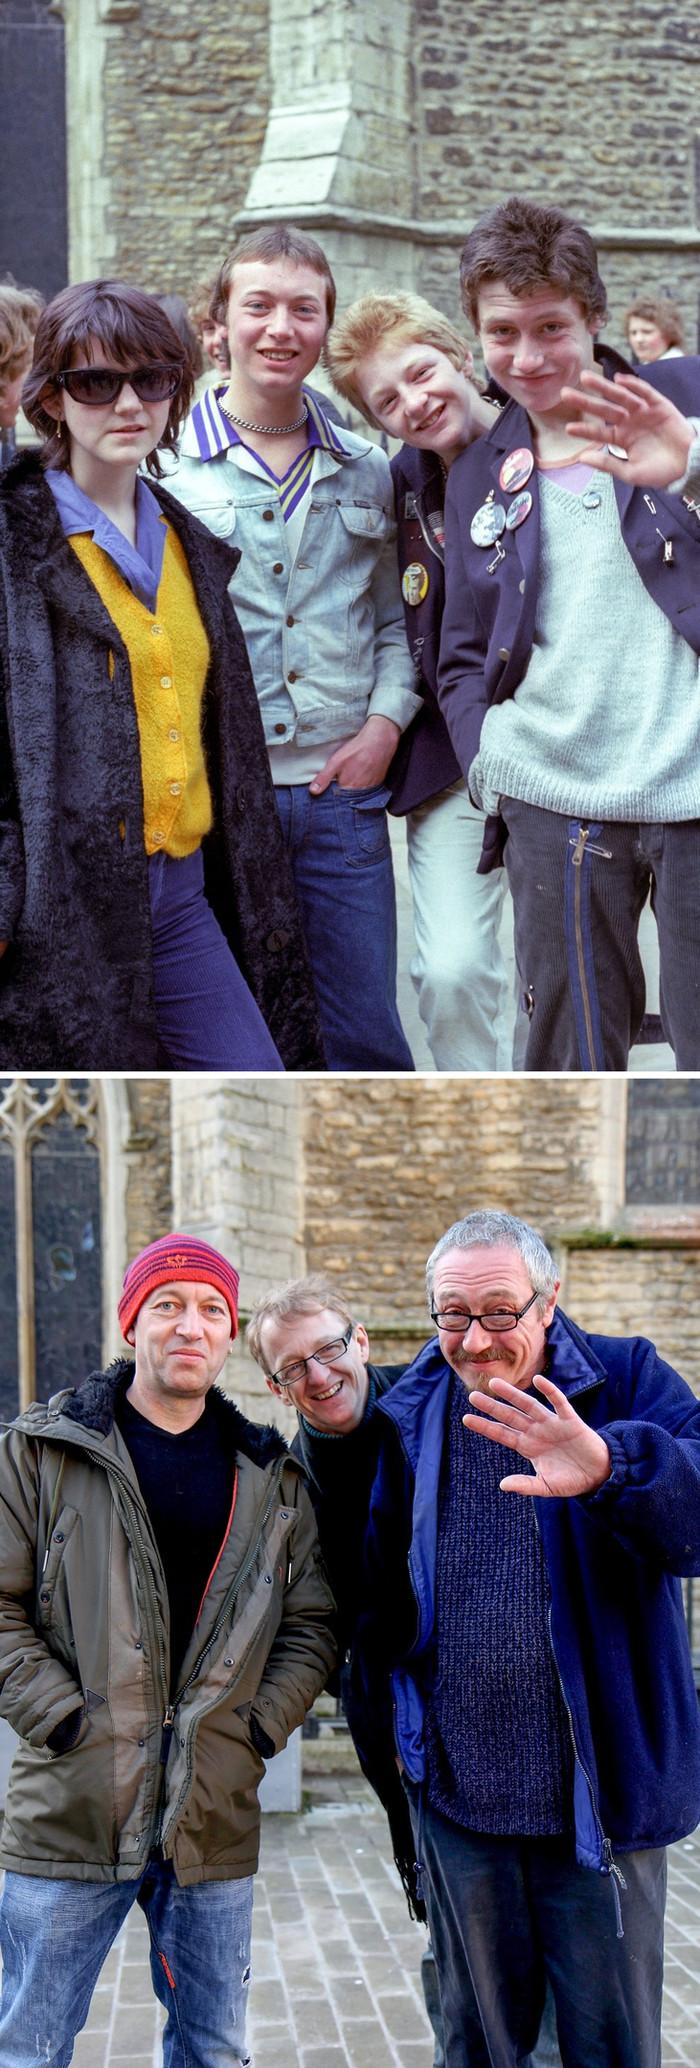 Воссоединение 30 лет, Воссоединение, Время и люди, Сквозь жизнь, Длиннопост, Фотография